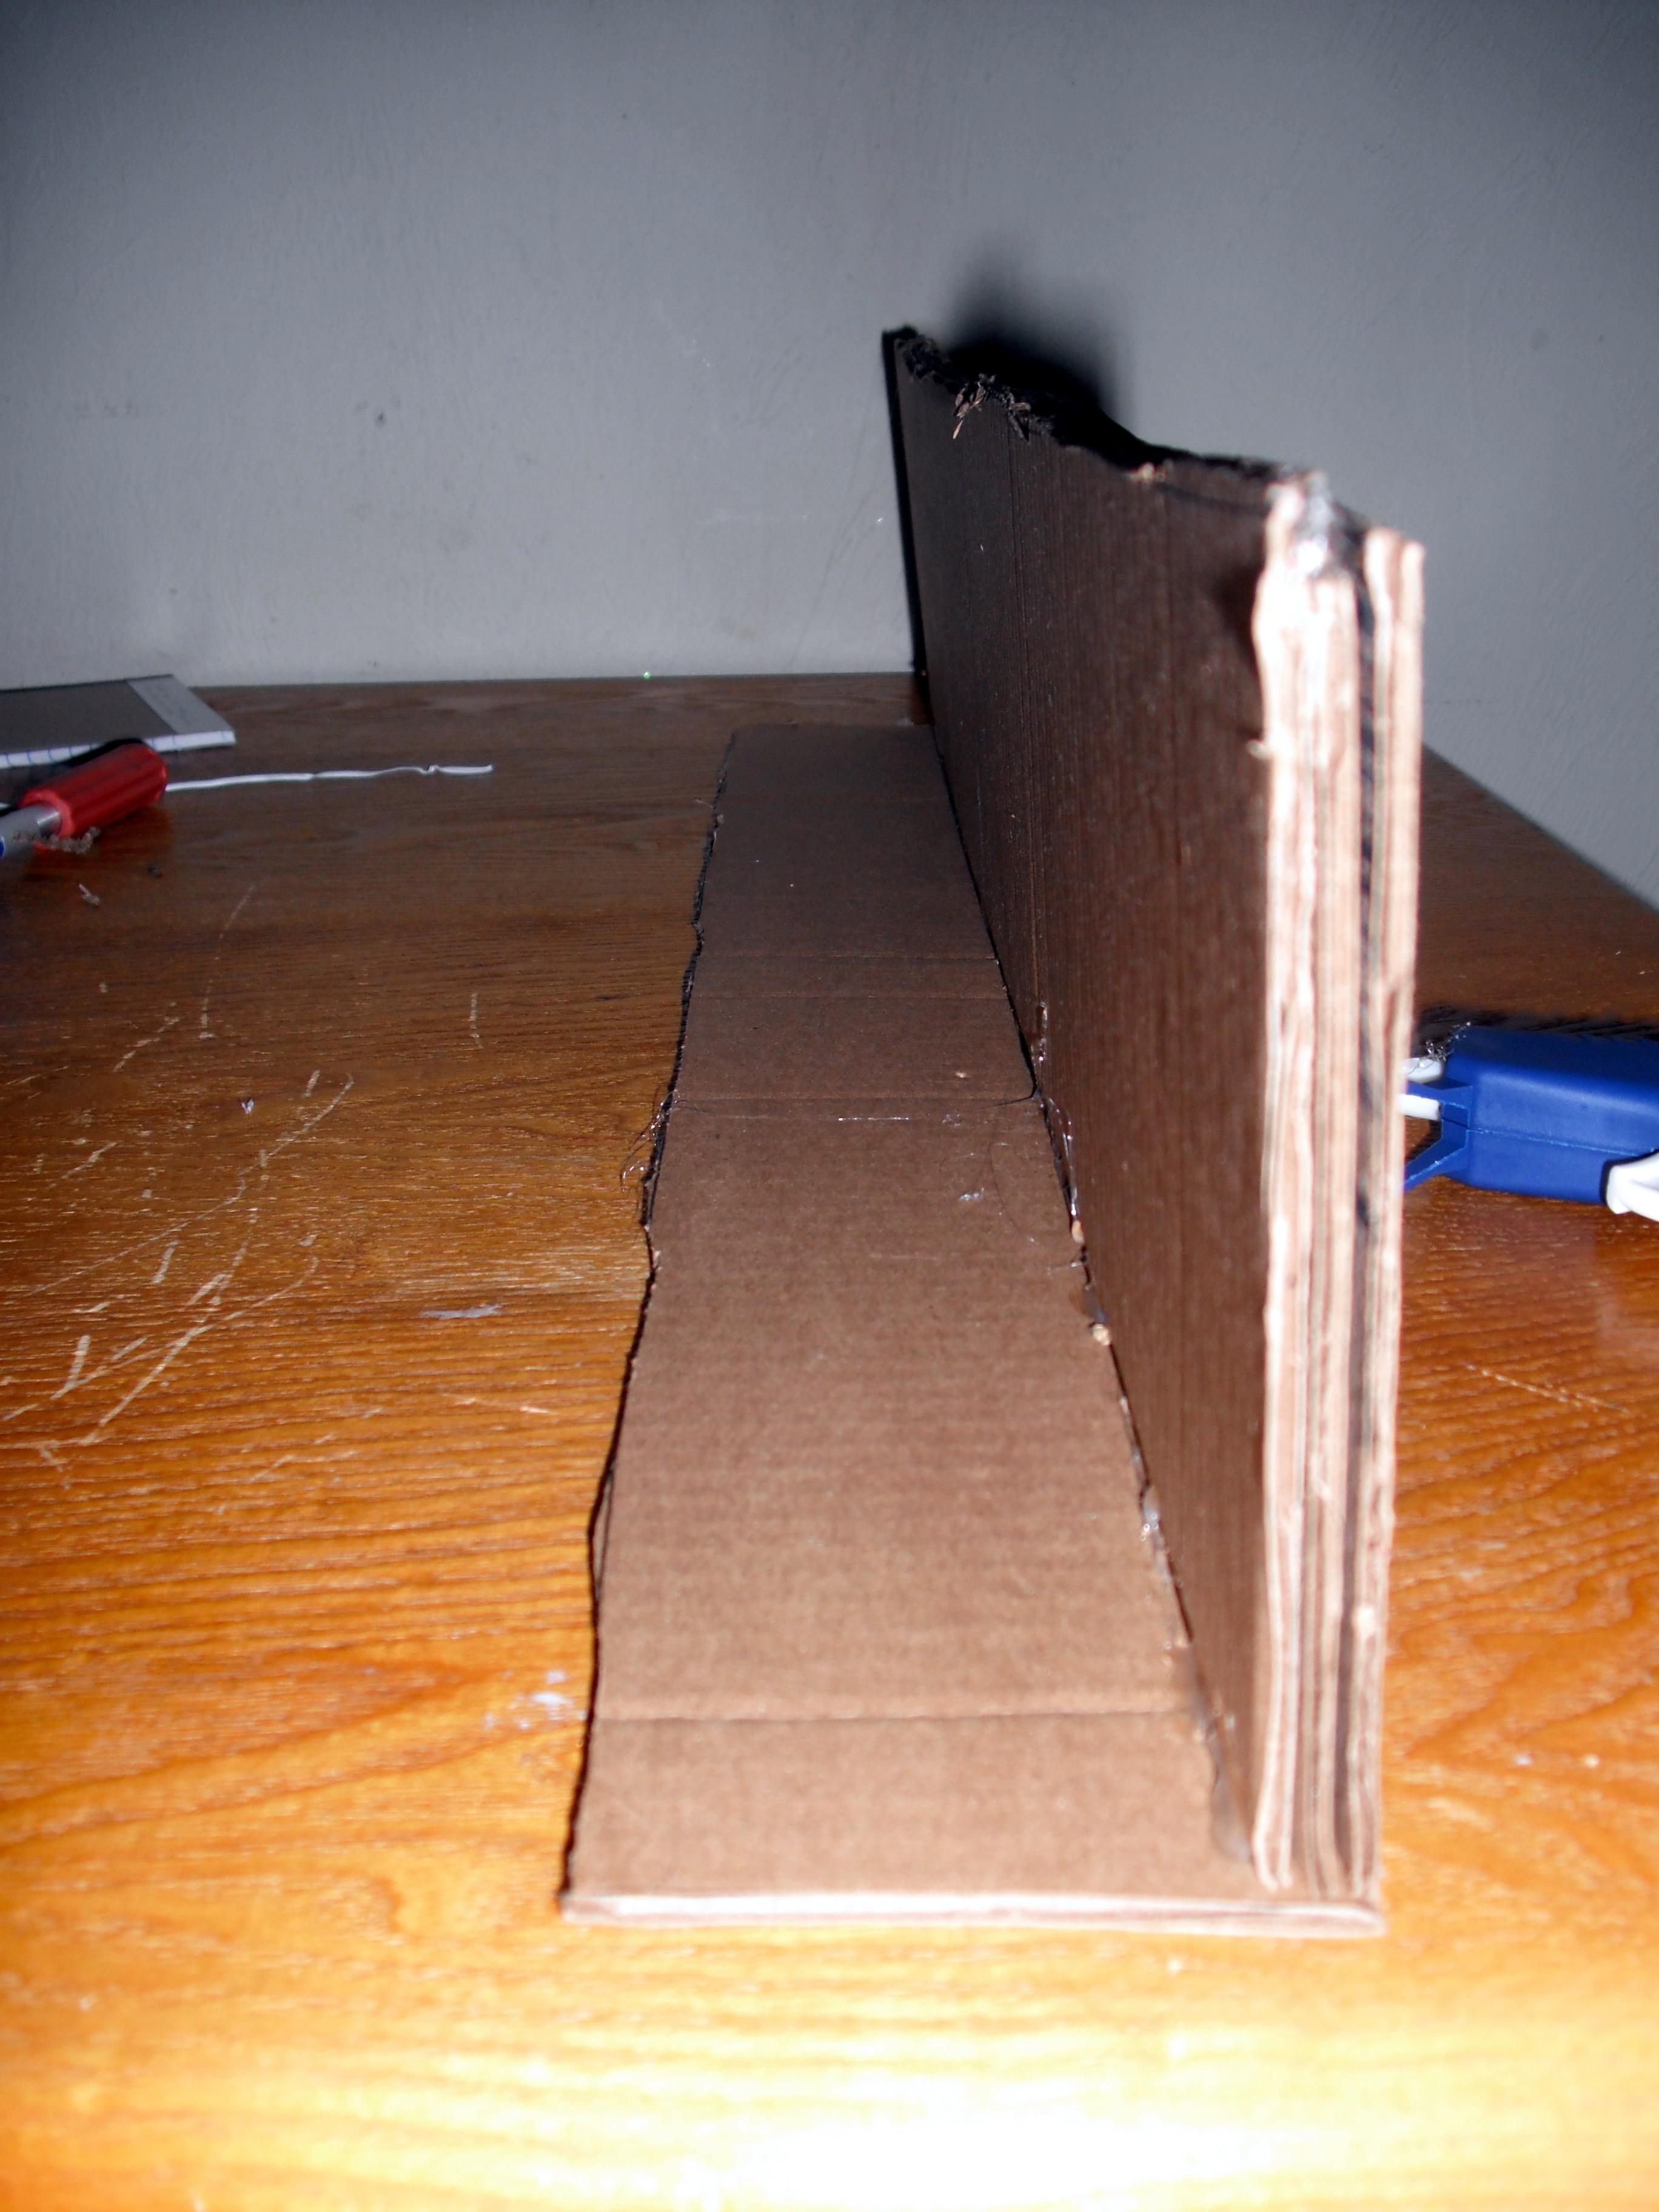 طريقة عمل رفوف من الكرتون- الصقي الأرفف